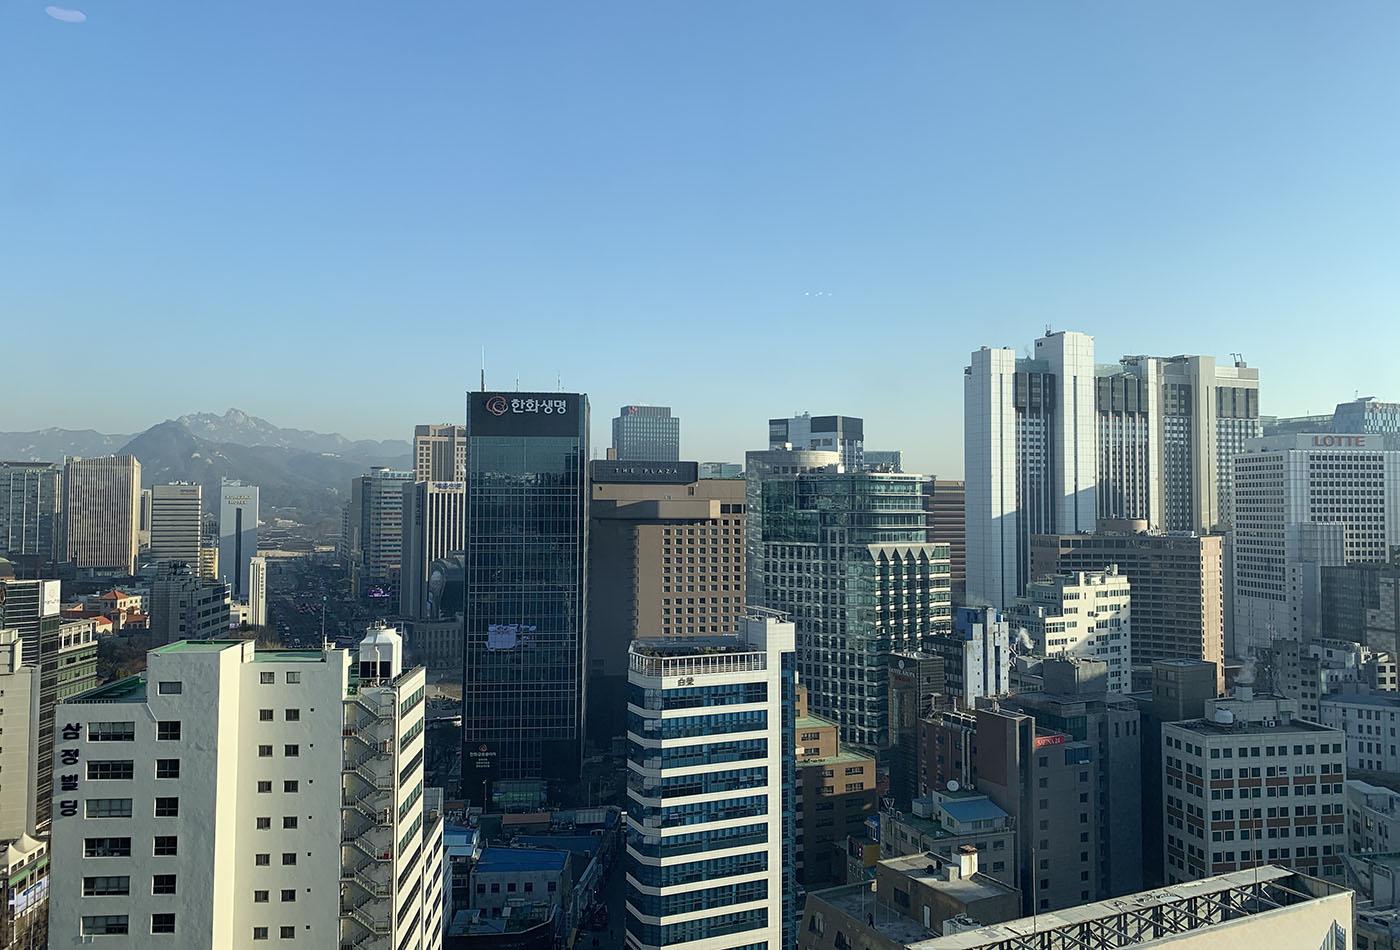 ソウル市内の景色